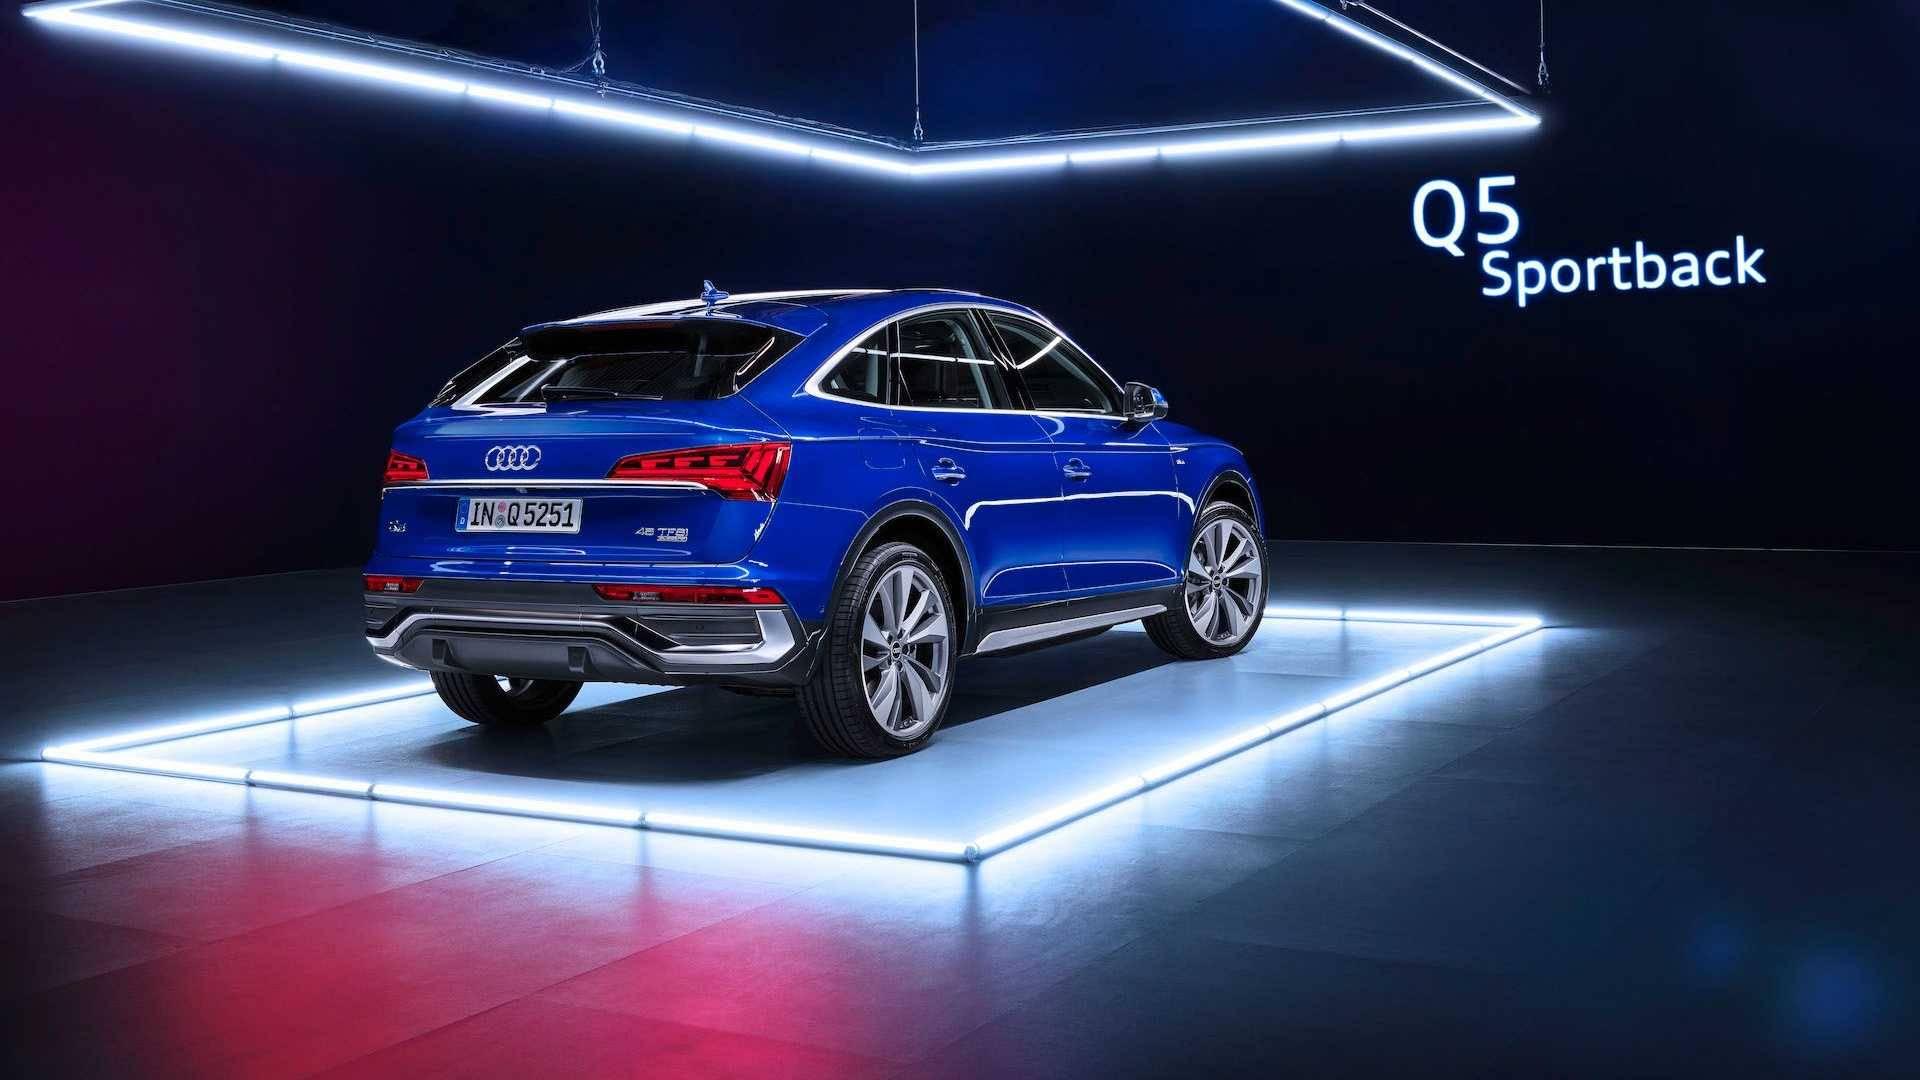 Audi-Q5-Sportback-20